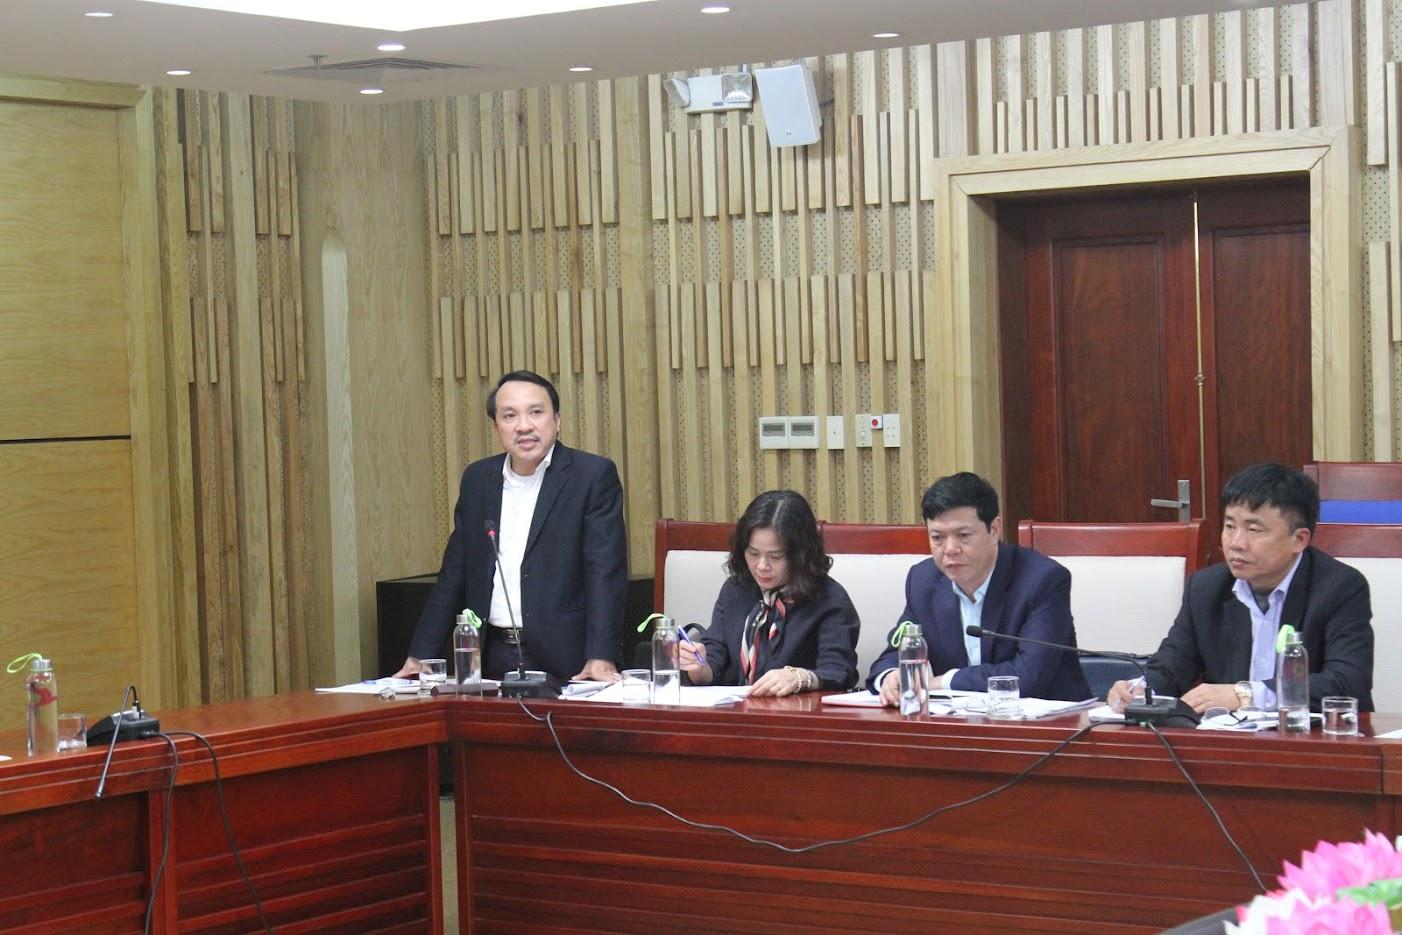 Đại diện Sở y tế Nghệ An báo cáo về tình trạng bệnh nhân đang điều trị tại bệnh viện Hữu Nghị Đa khoa Nghệ An nghi bị nhiễm virus corona